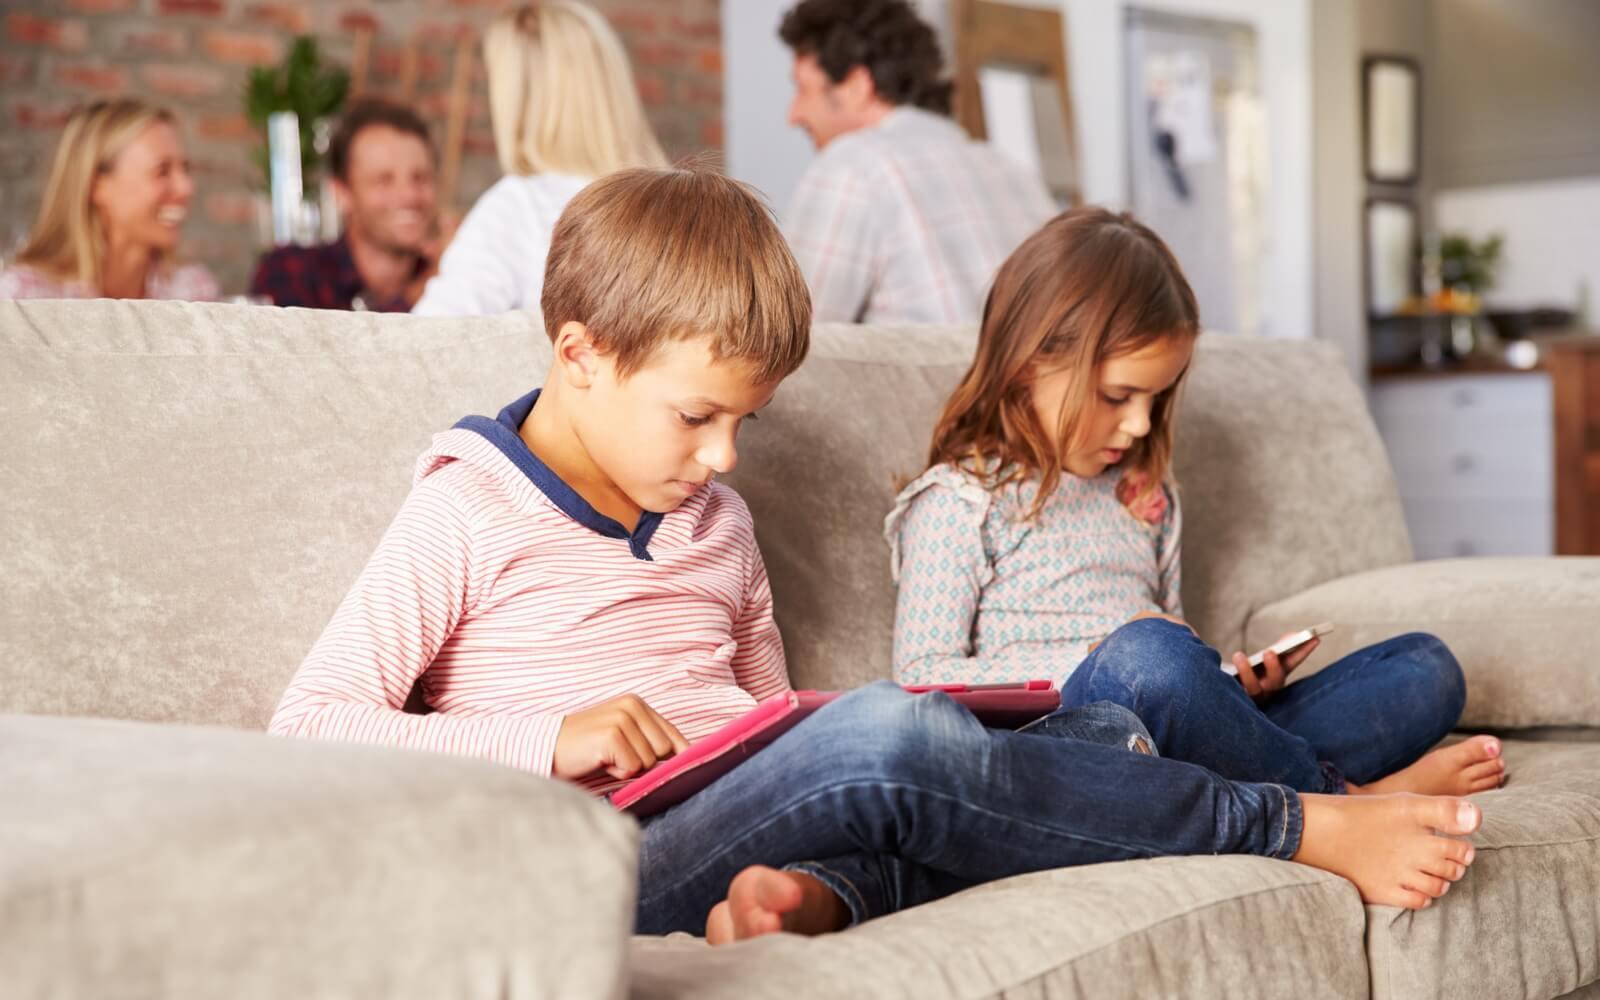 Инвесторы просят Apple усовершенствовать режим родительского контроля